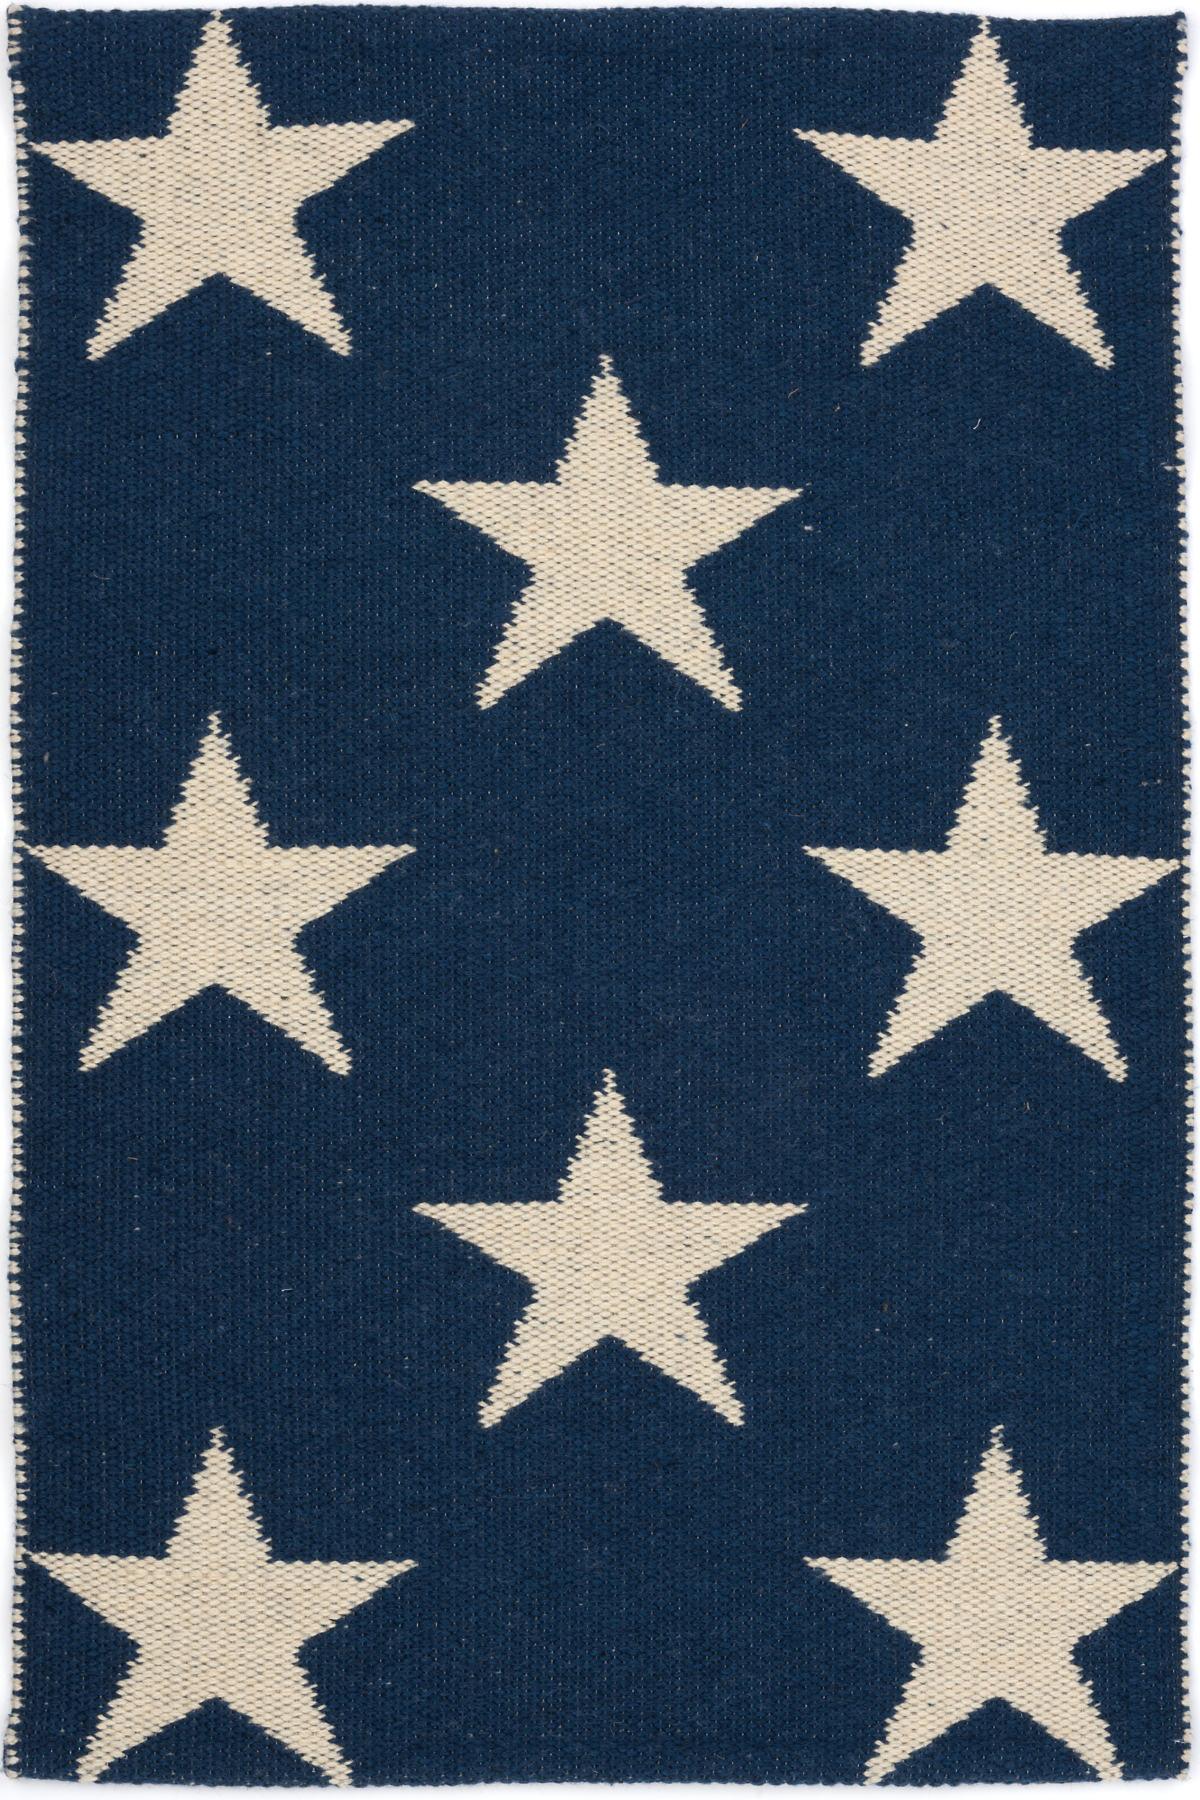 Star Navy/Ivory Indoor/Outdoor Rug